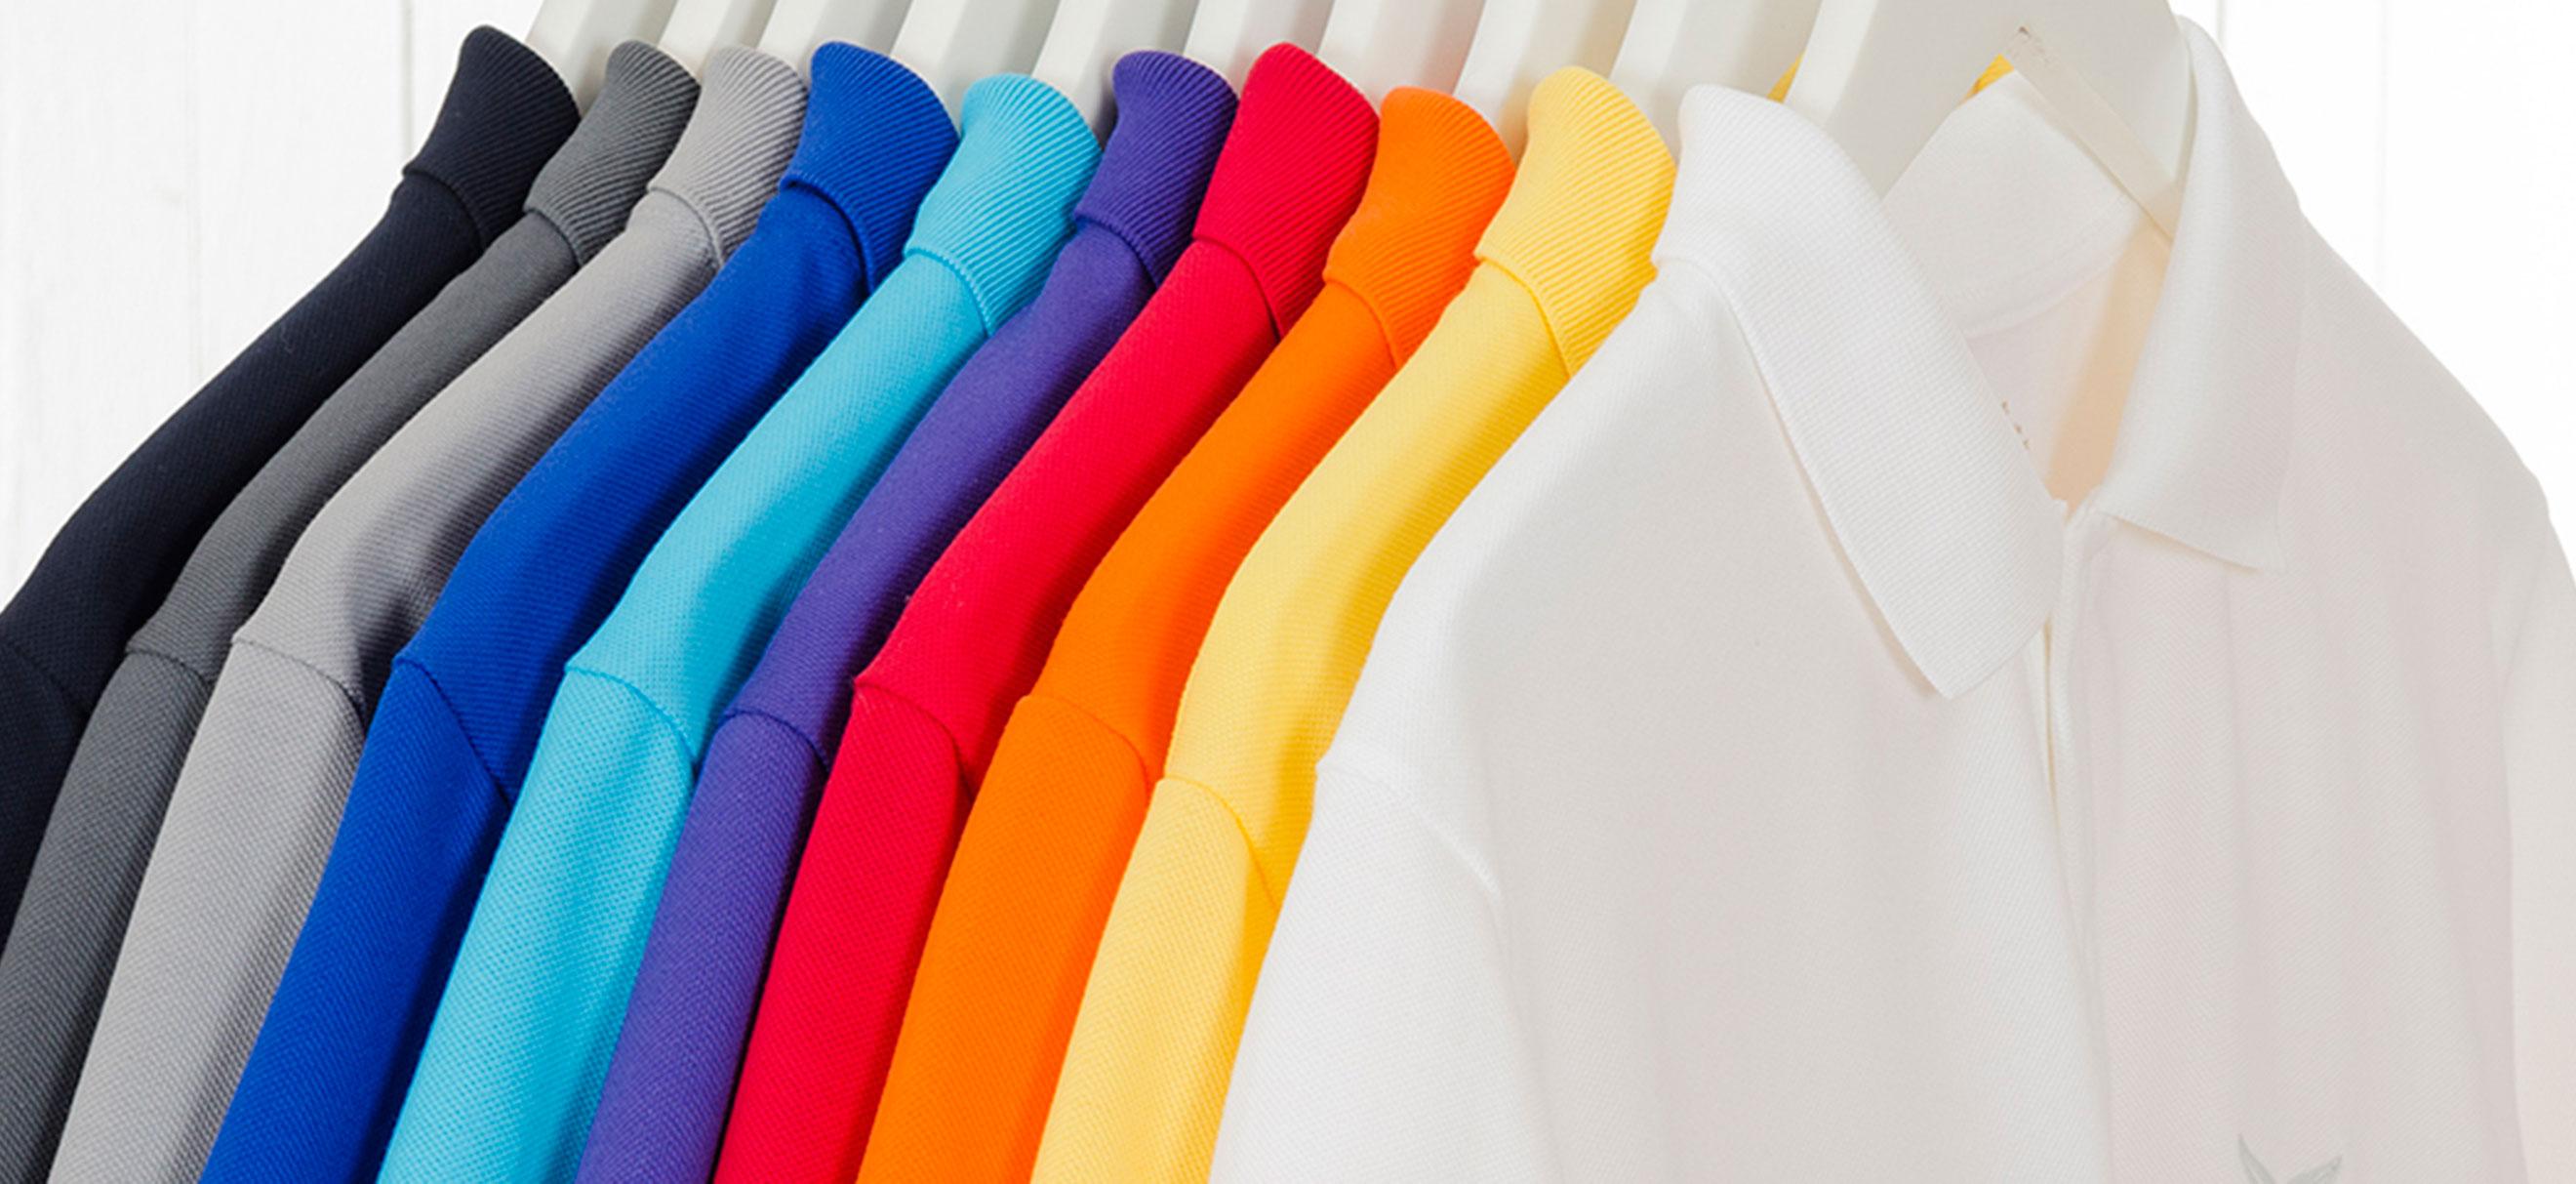 Welche Farbe Passt Zu Grün Kleidung Gürtel Und Schuhe Richtig